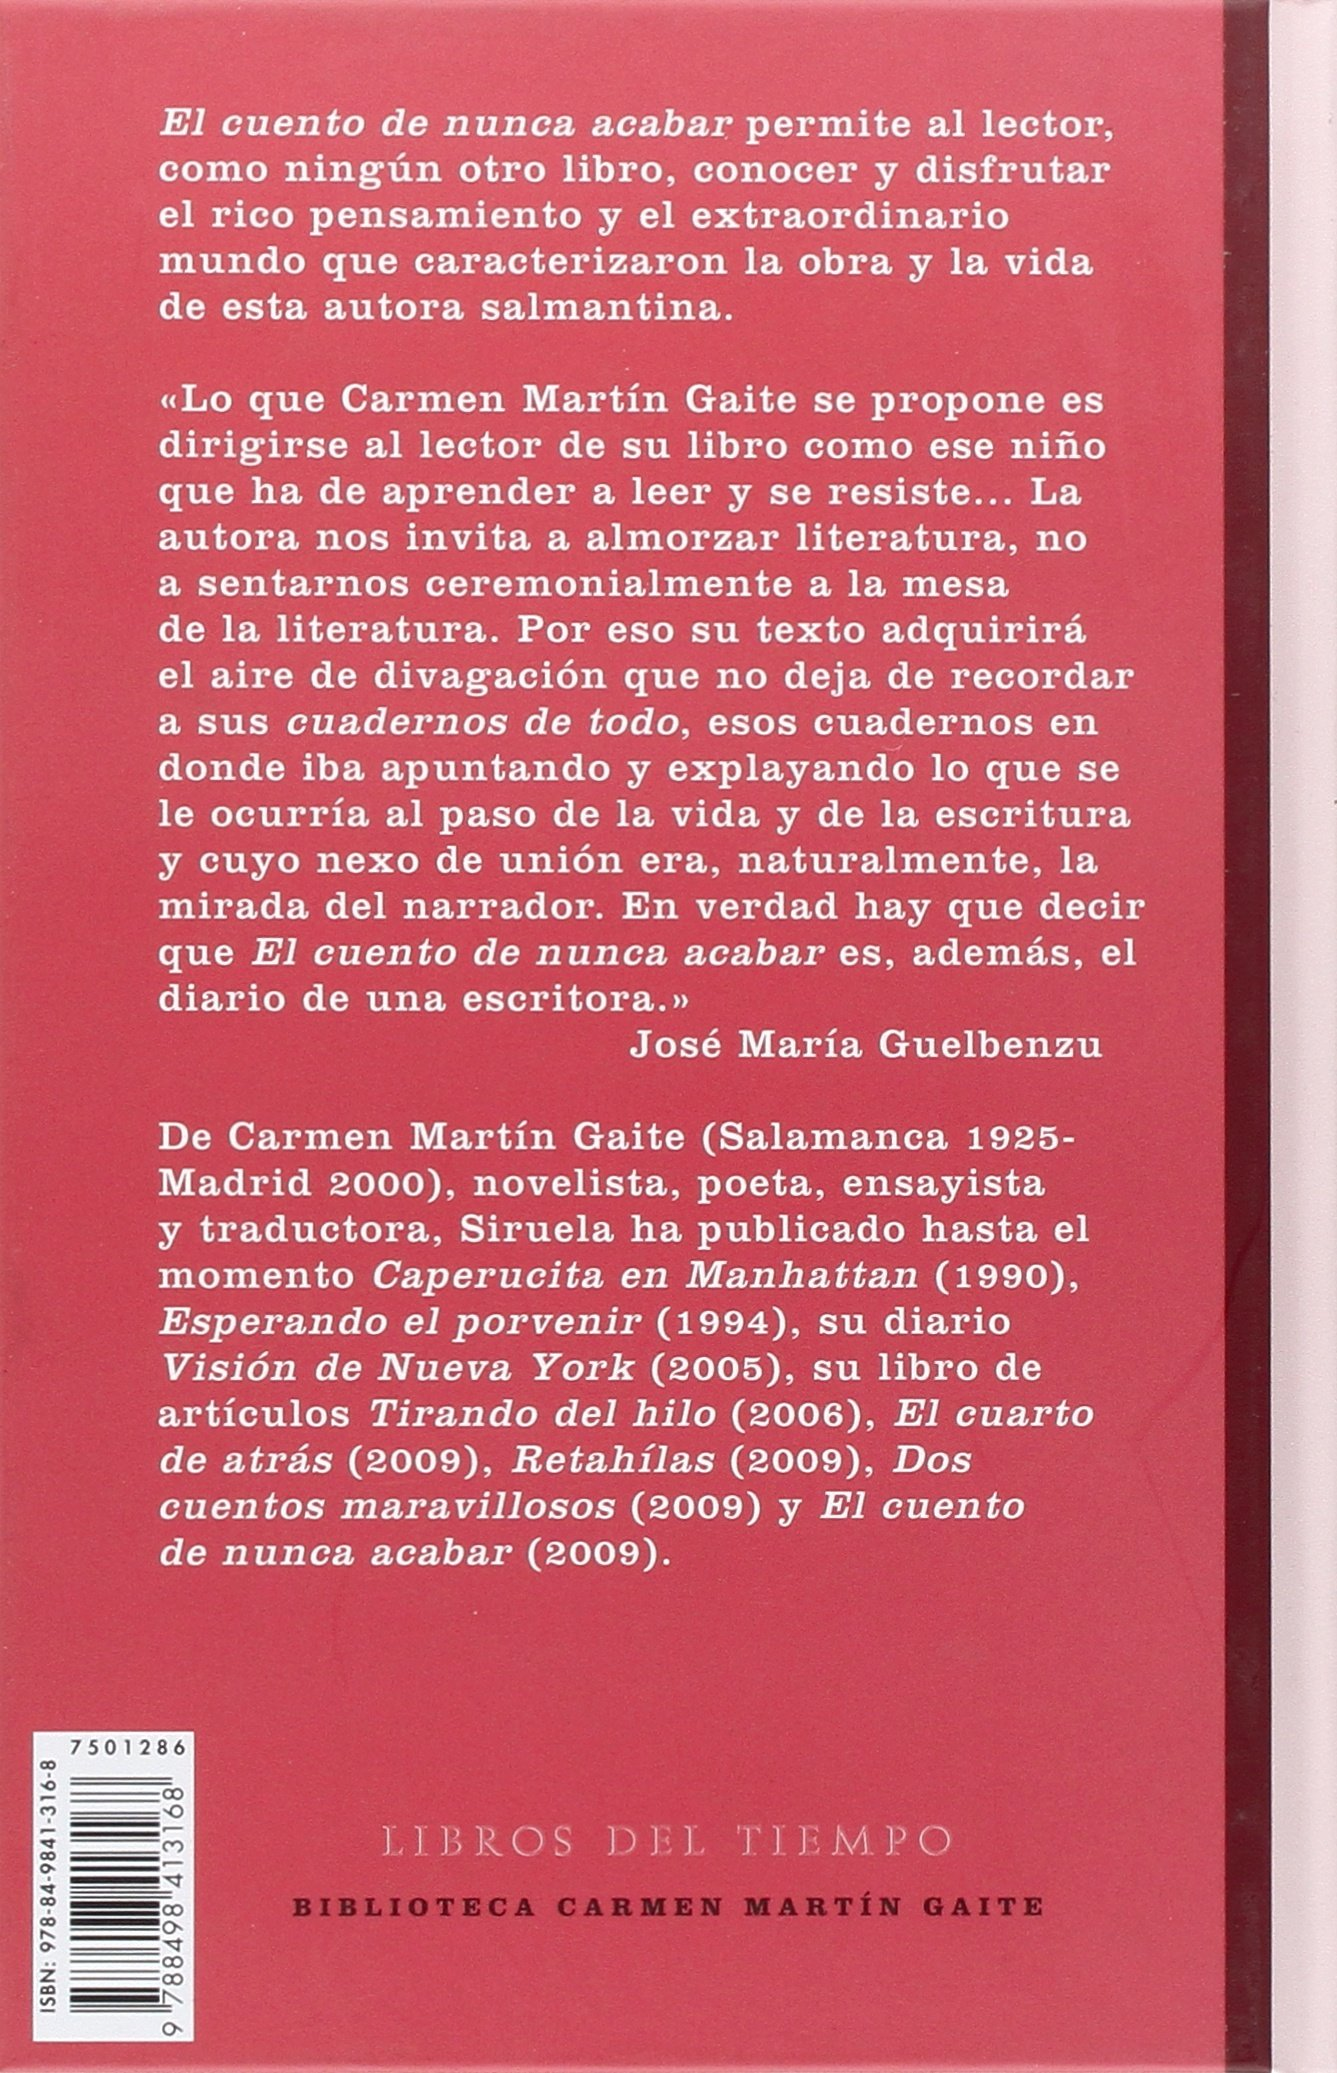 El cuento de nunca acabar: apuntes sobre la narración, el amor y la mentira : 286 Libros del Tiempo: Amazon.es: Martín Gaite, Carmen, Guelbenzu, José María: Libros